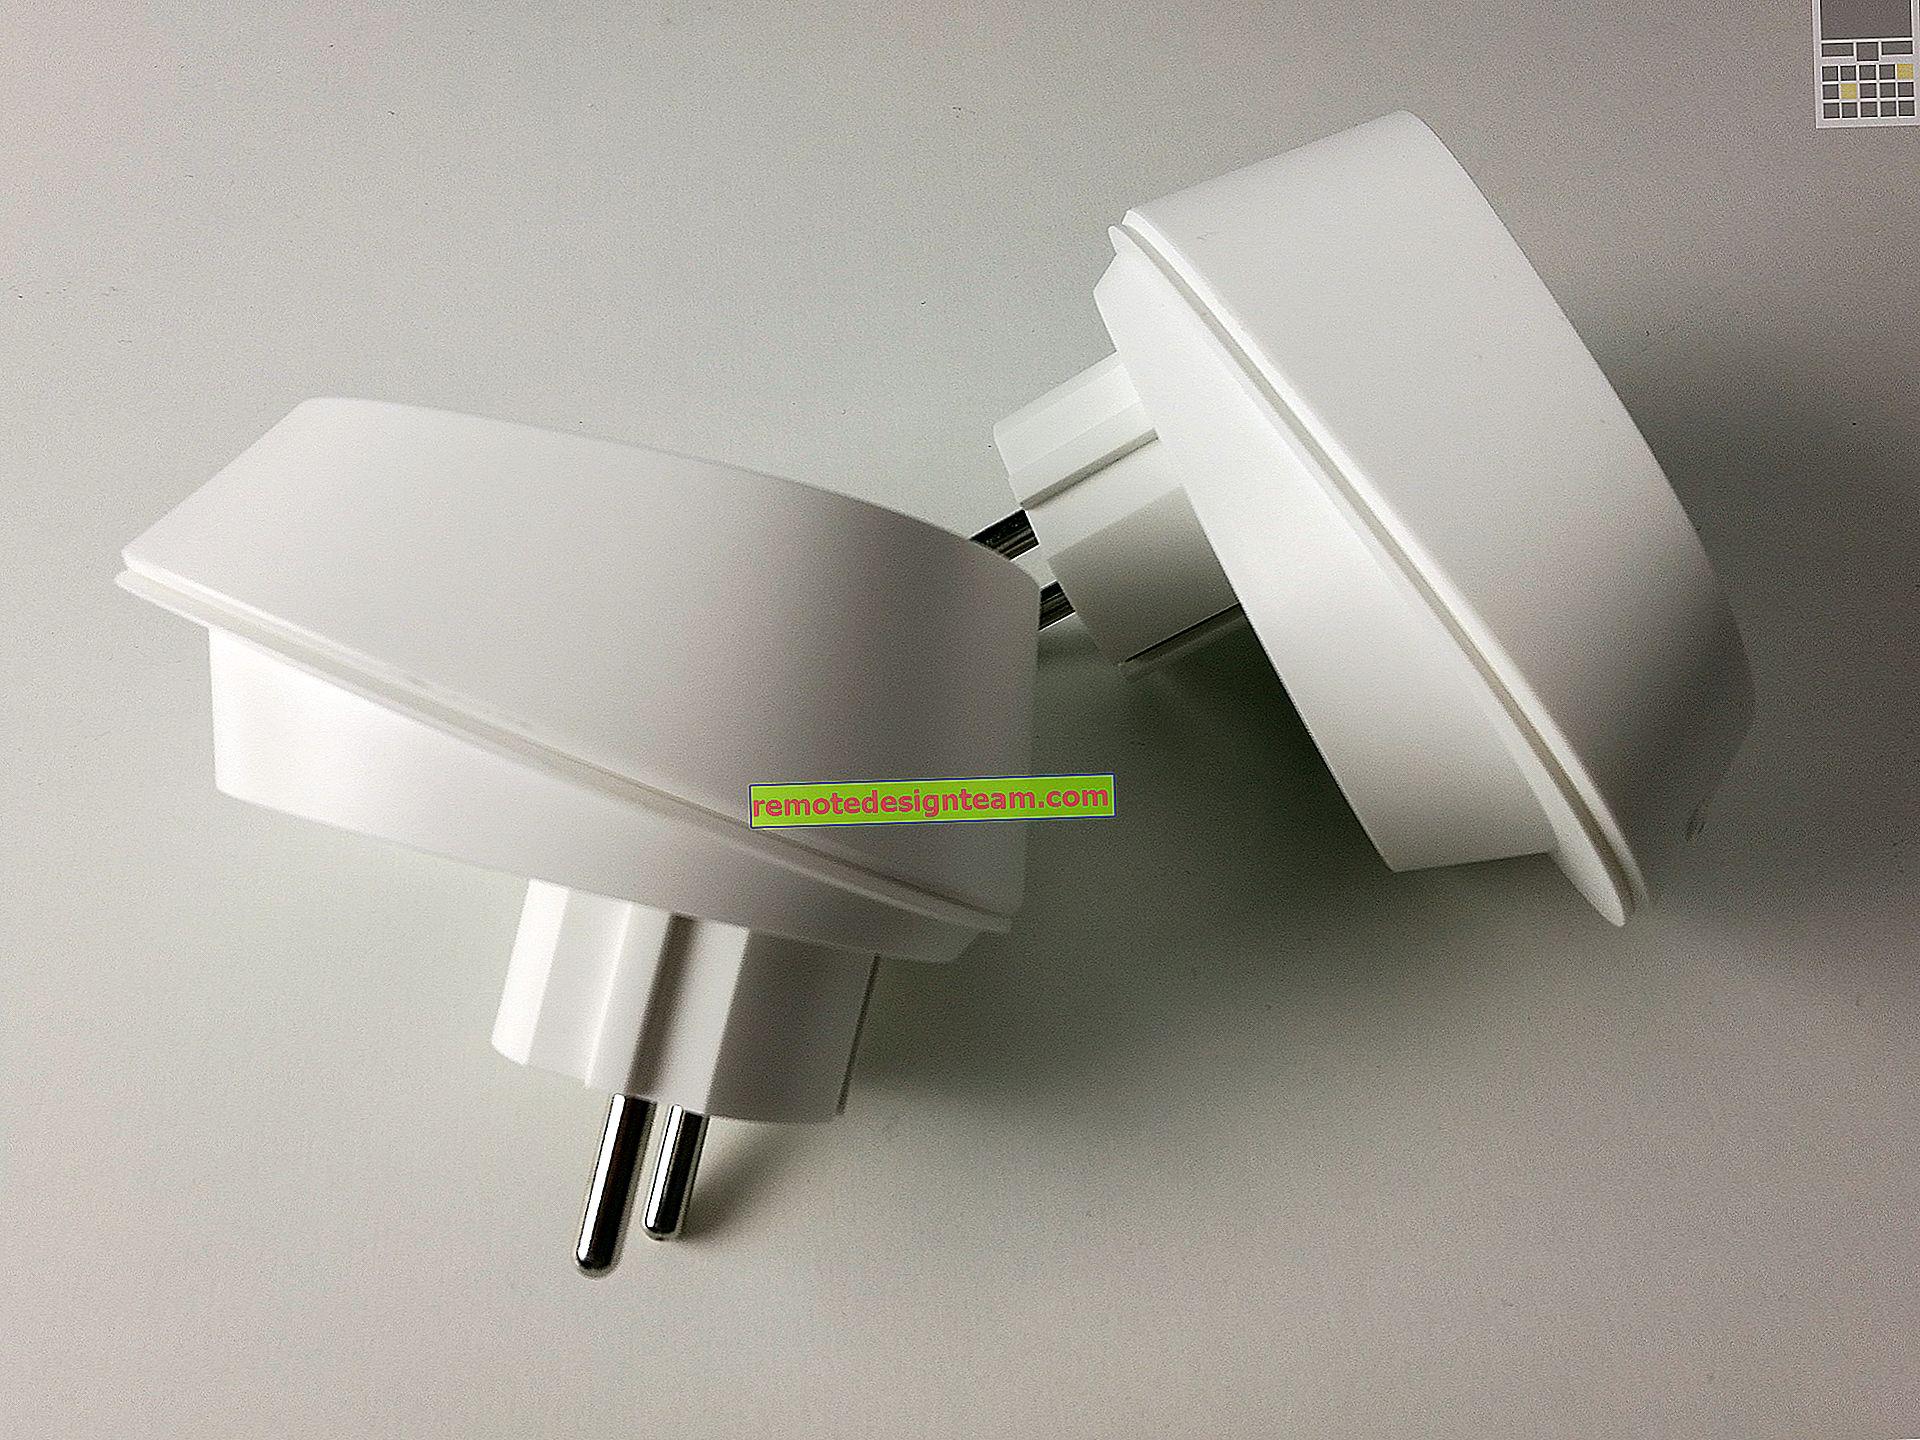 Економимо електроенергію за допомогою розумних розеток TP-Link